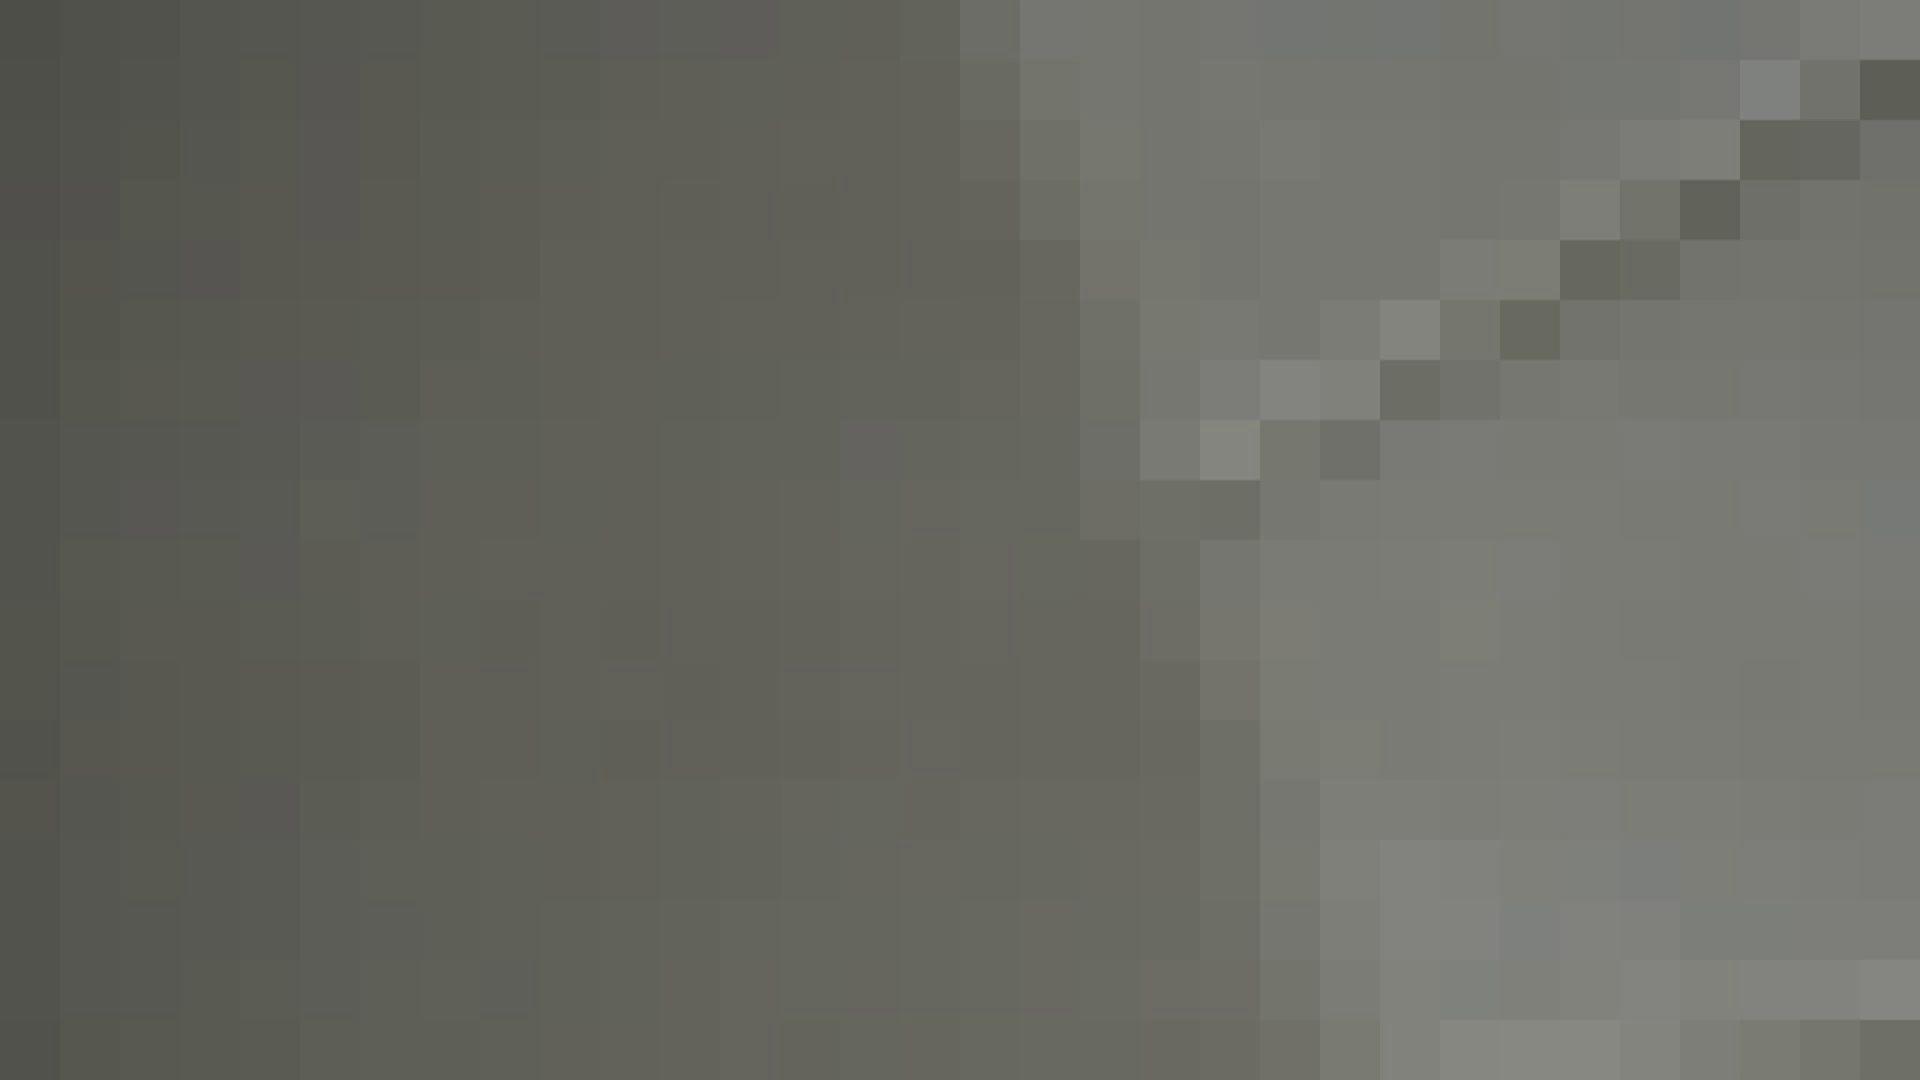 洗面所特攻隊vol.013 高画質  108PIX 108